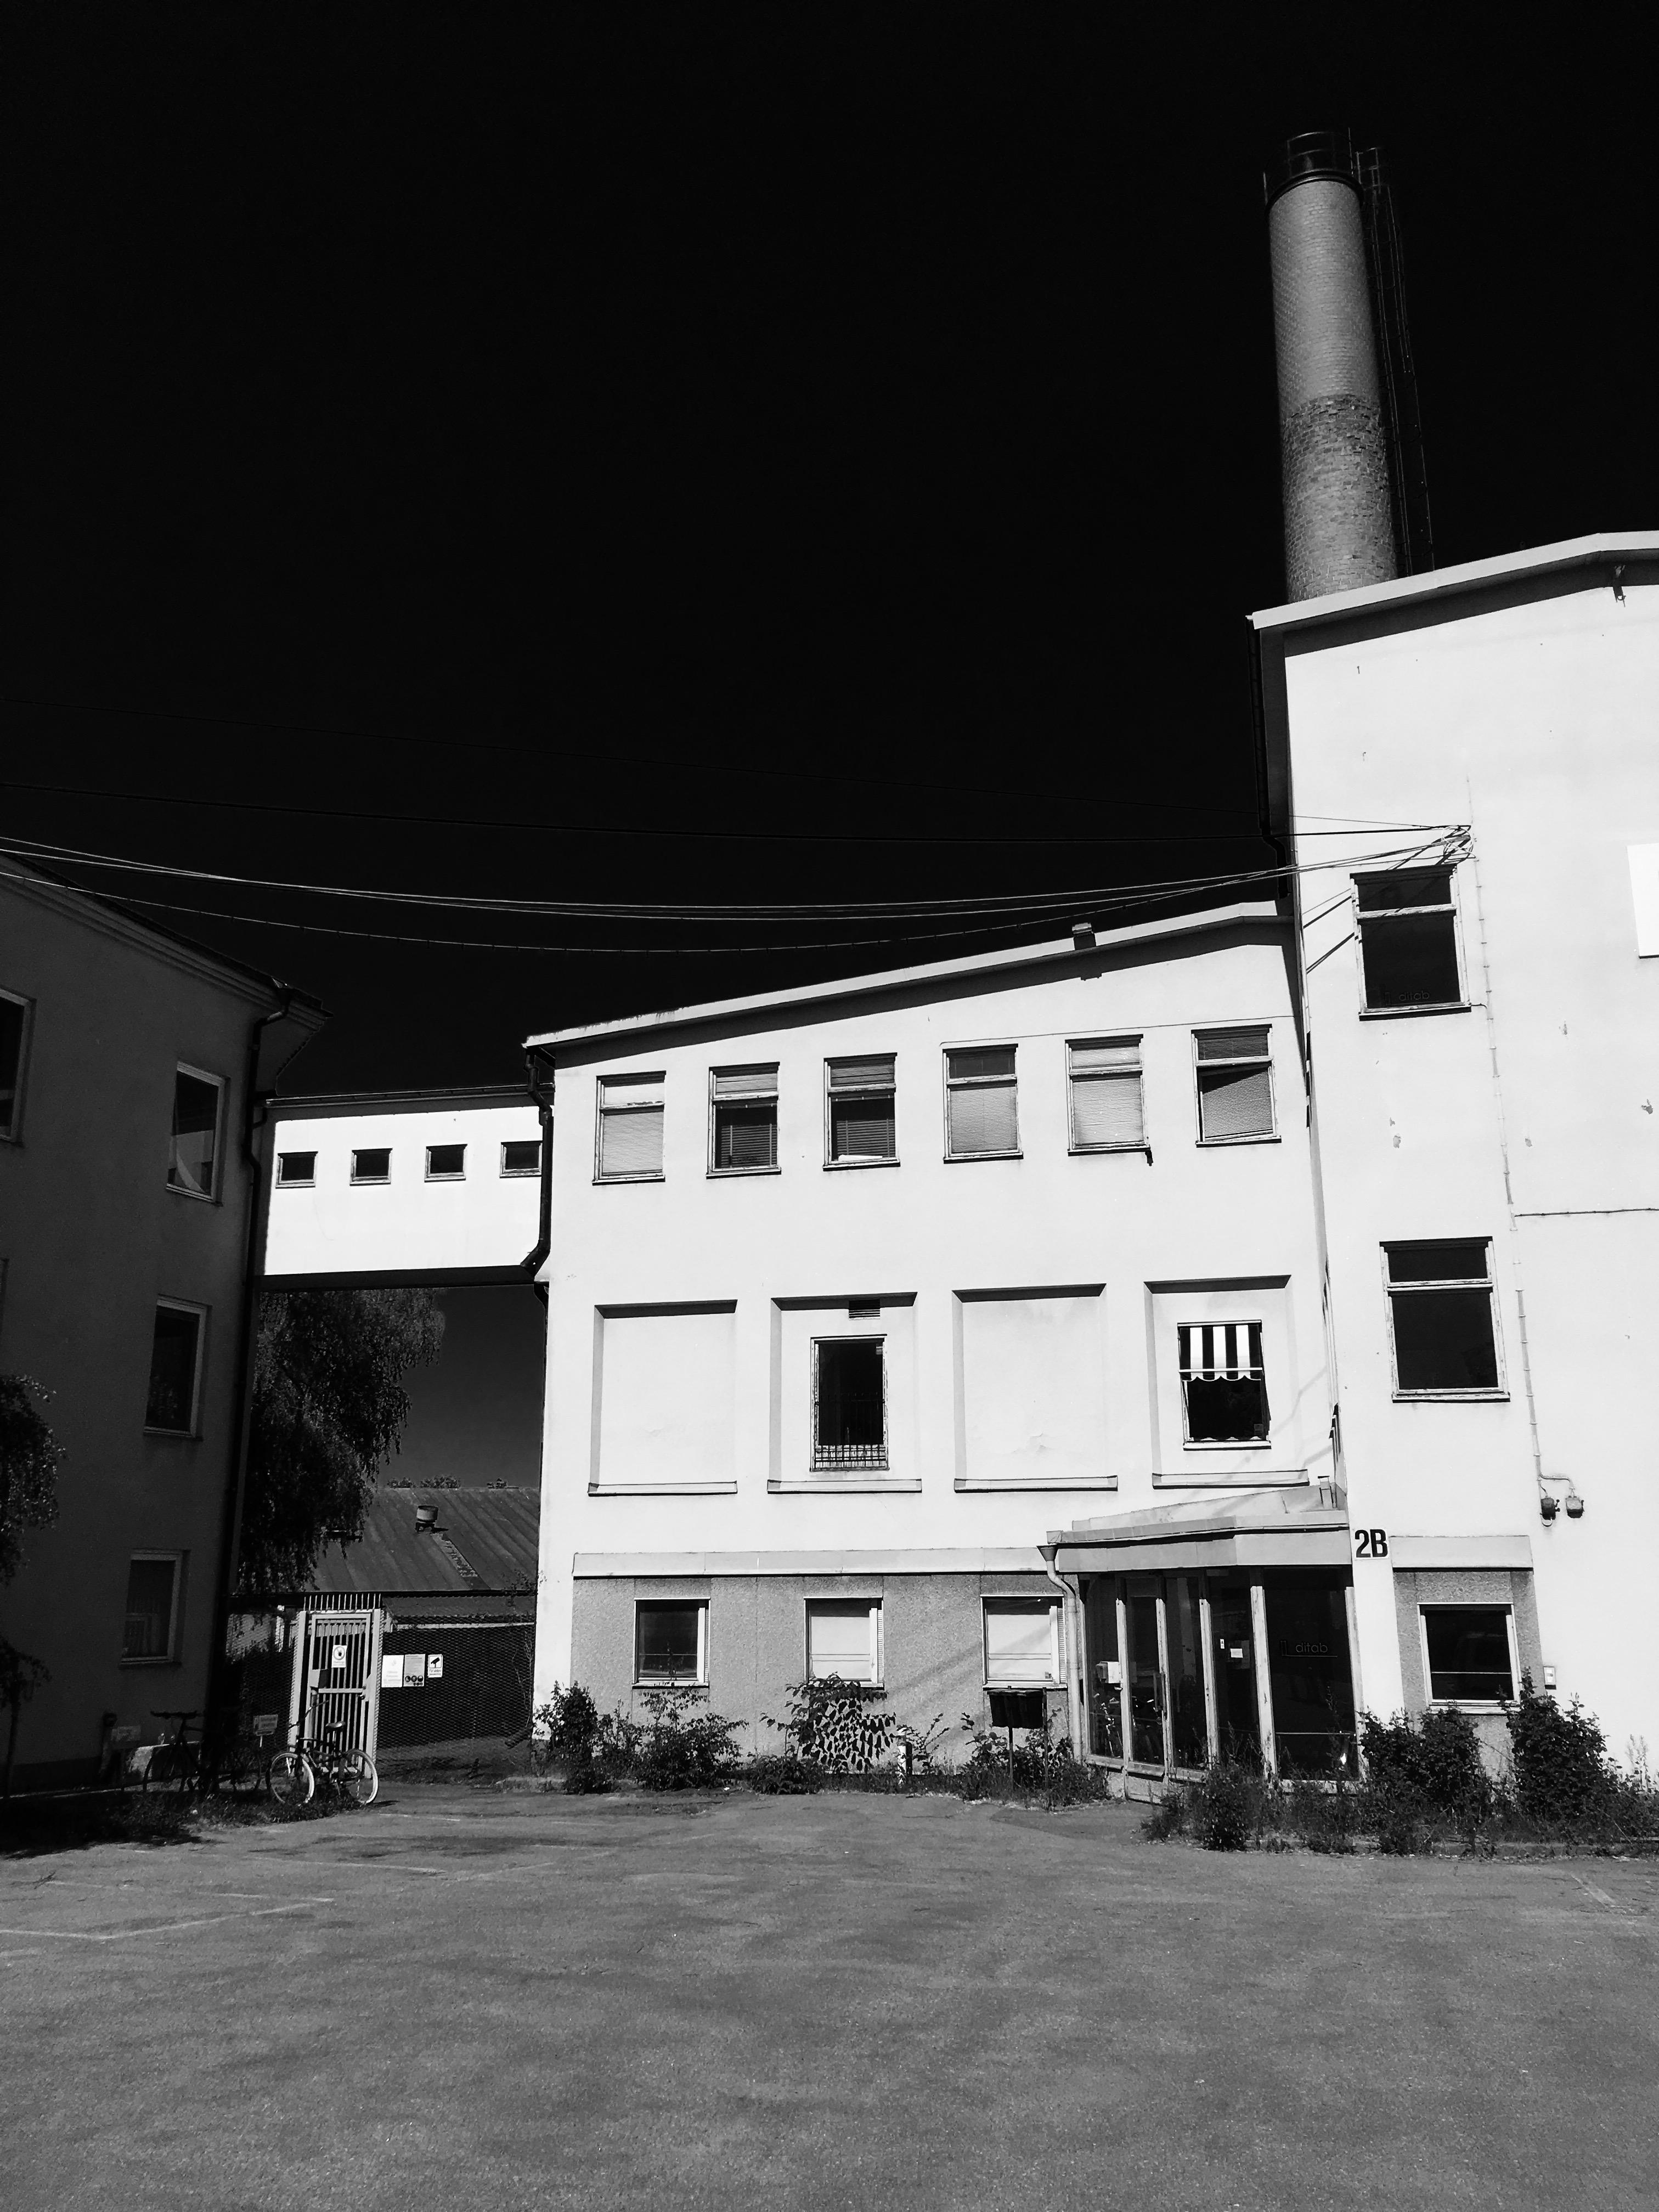 Studio exterior